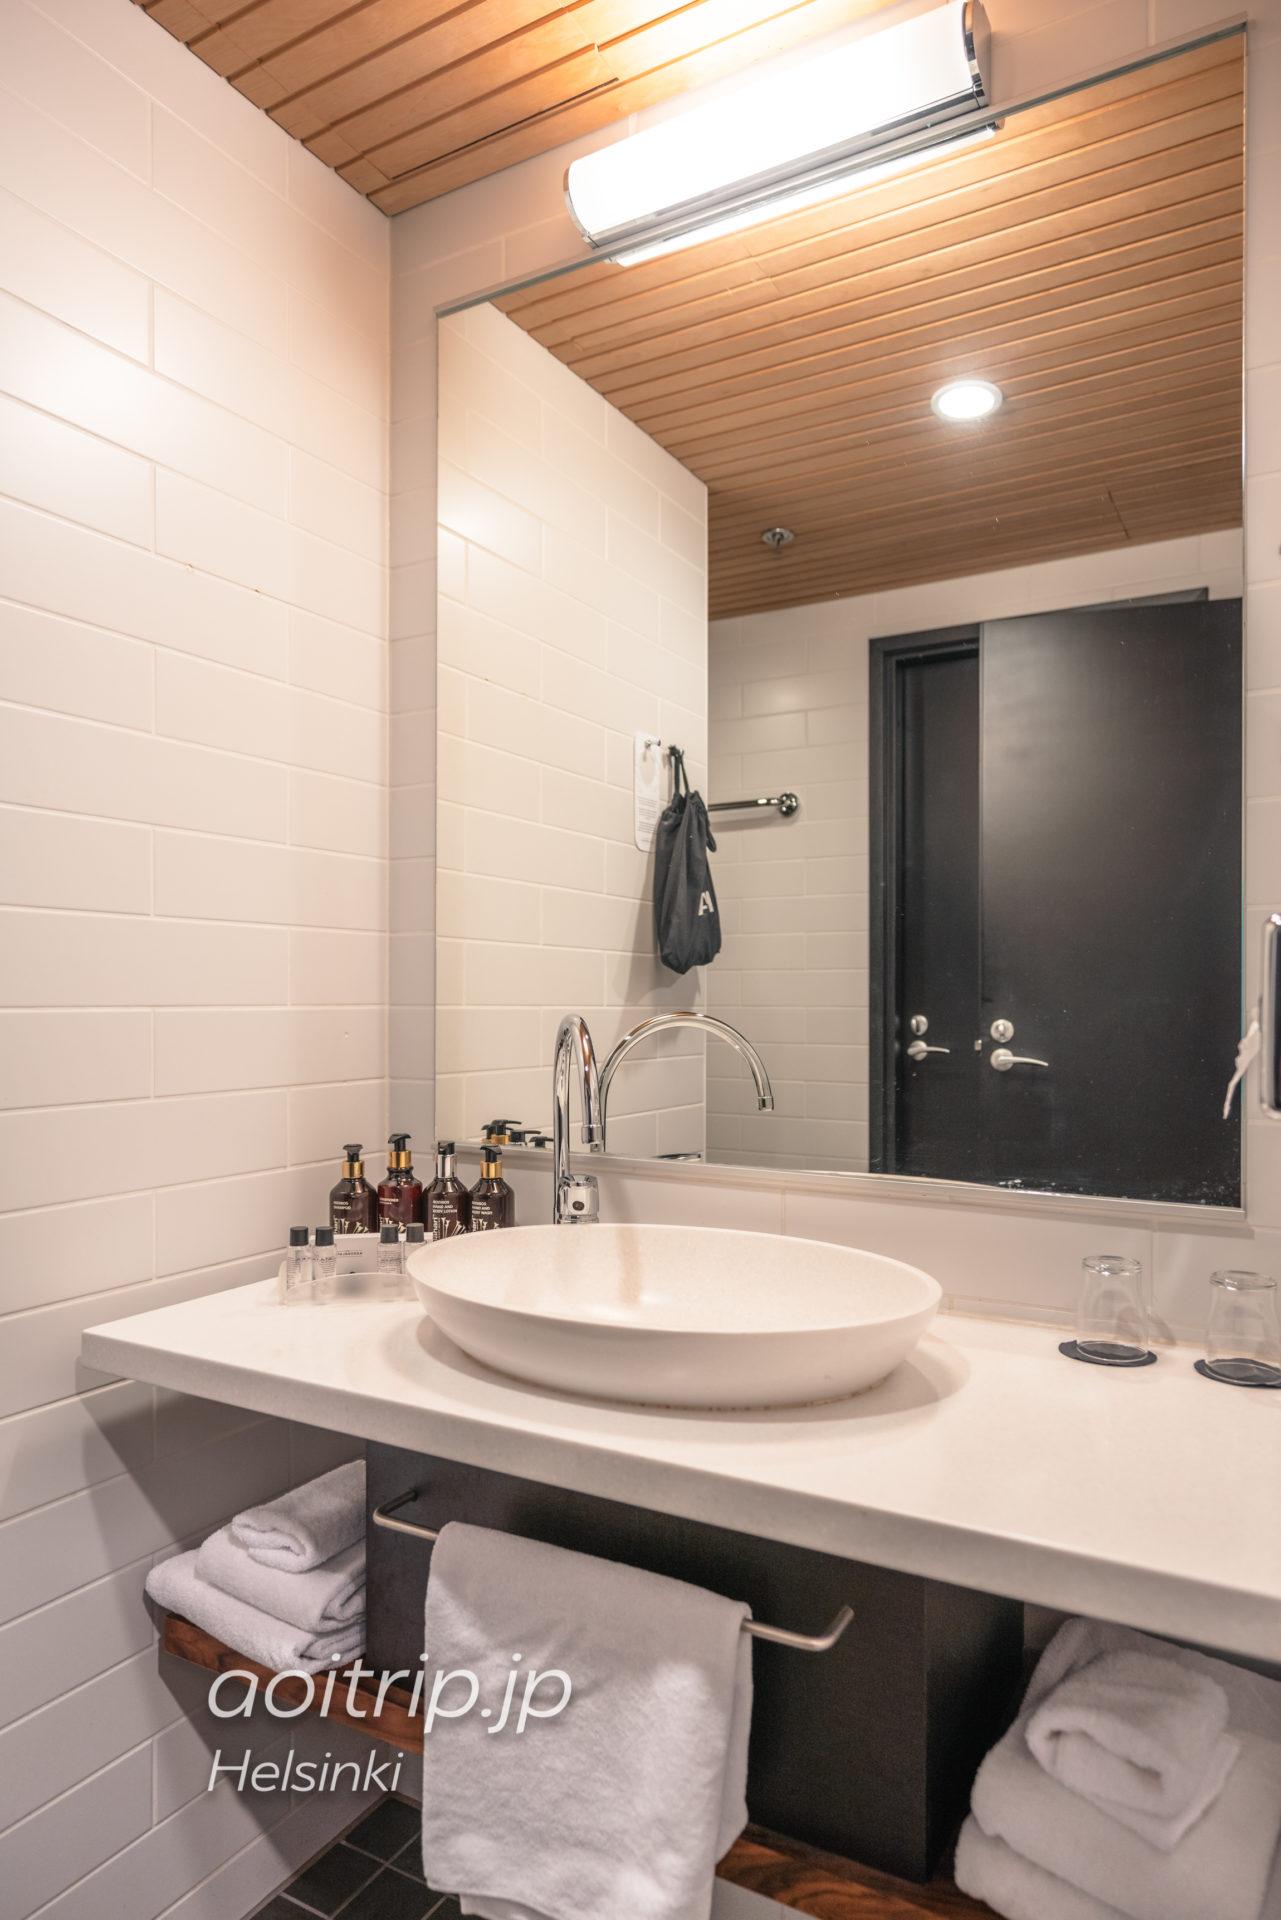 ホテルカタヤノッカの洗面台